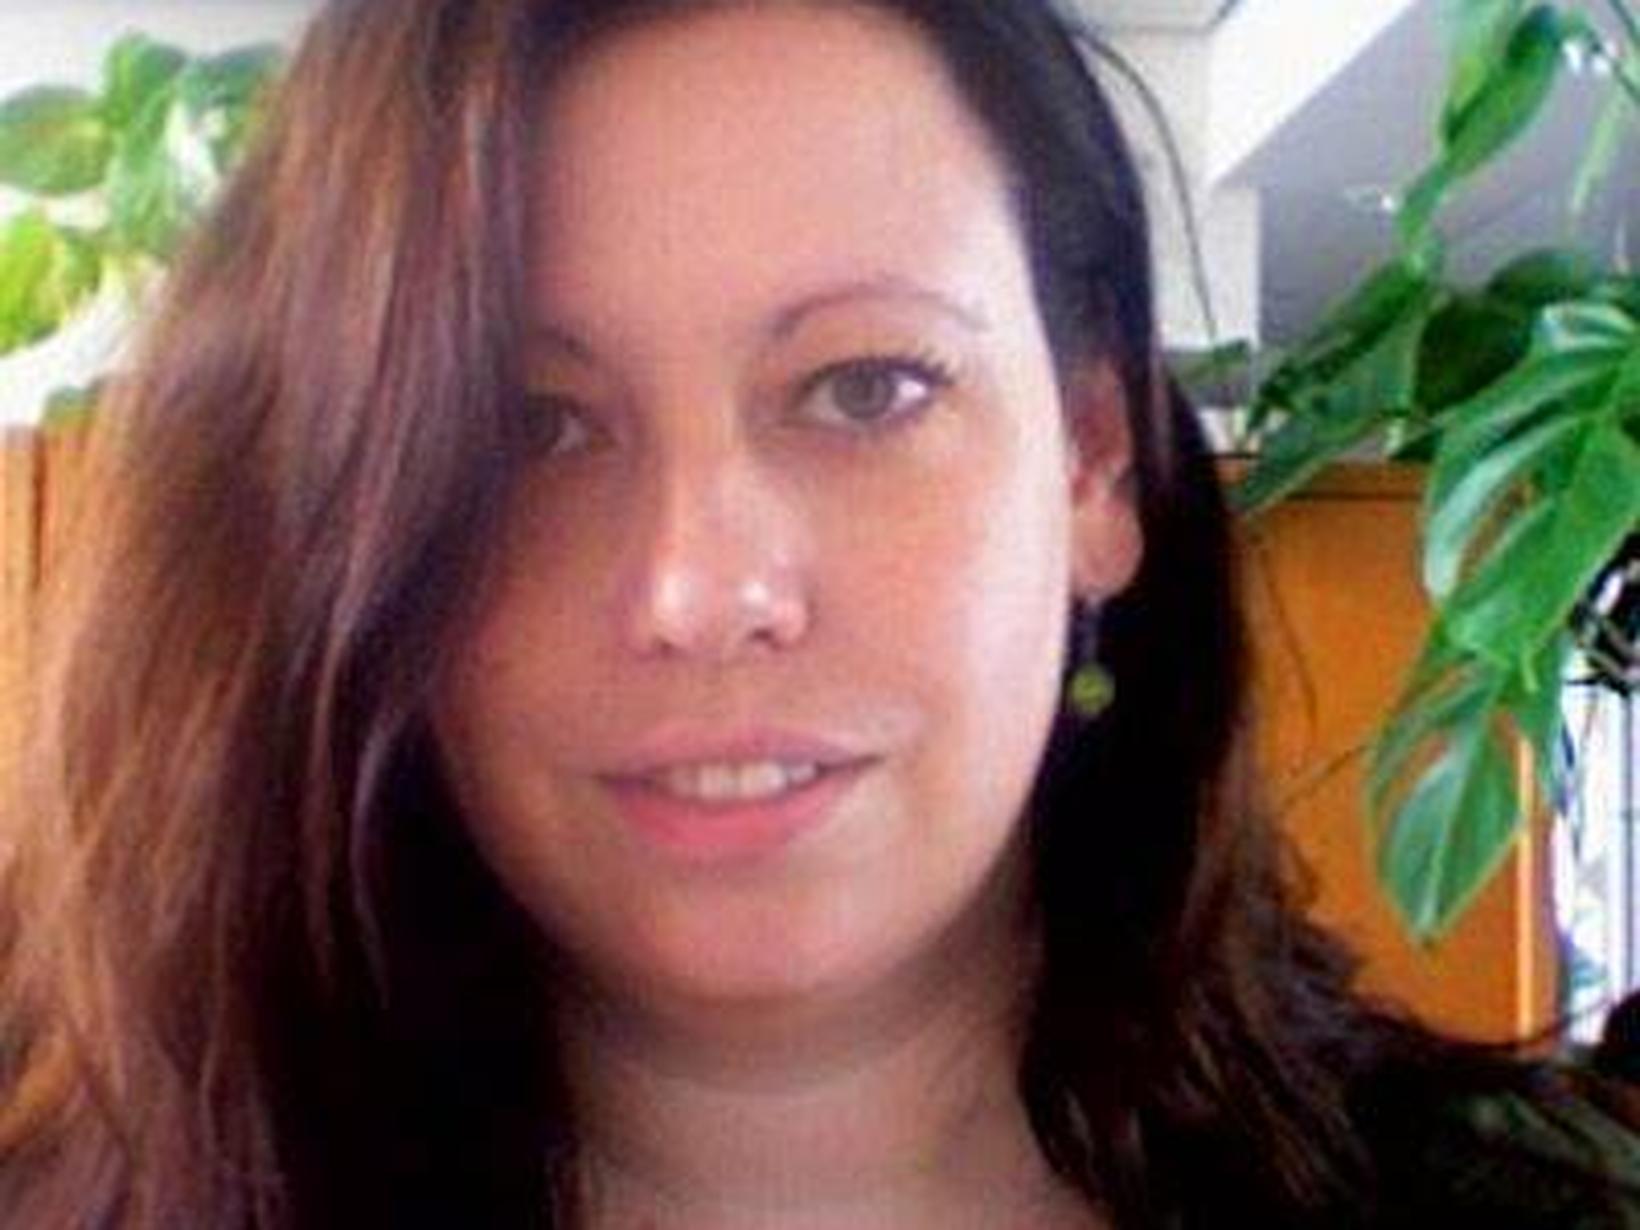 Suzan from Munich, Germany